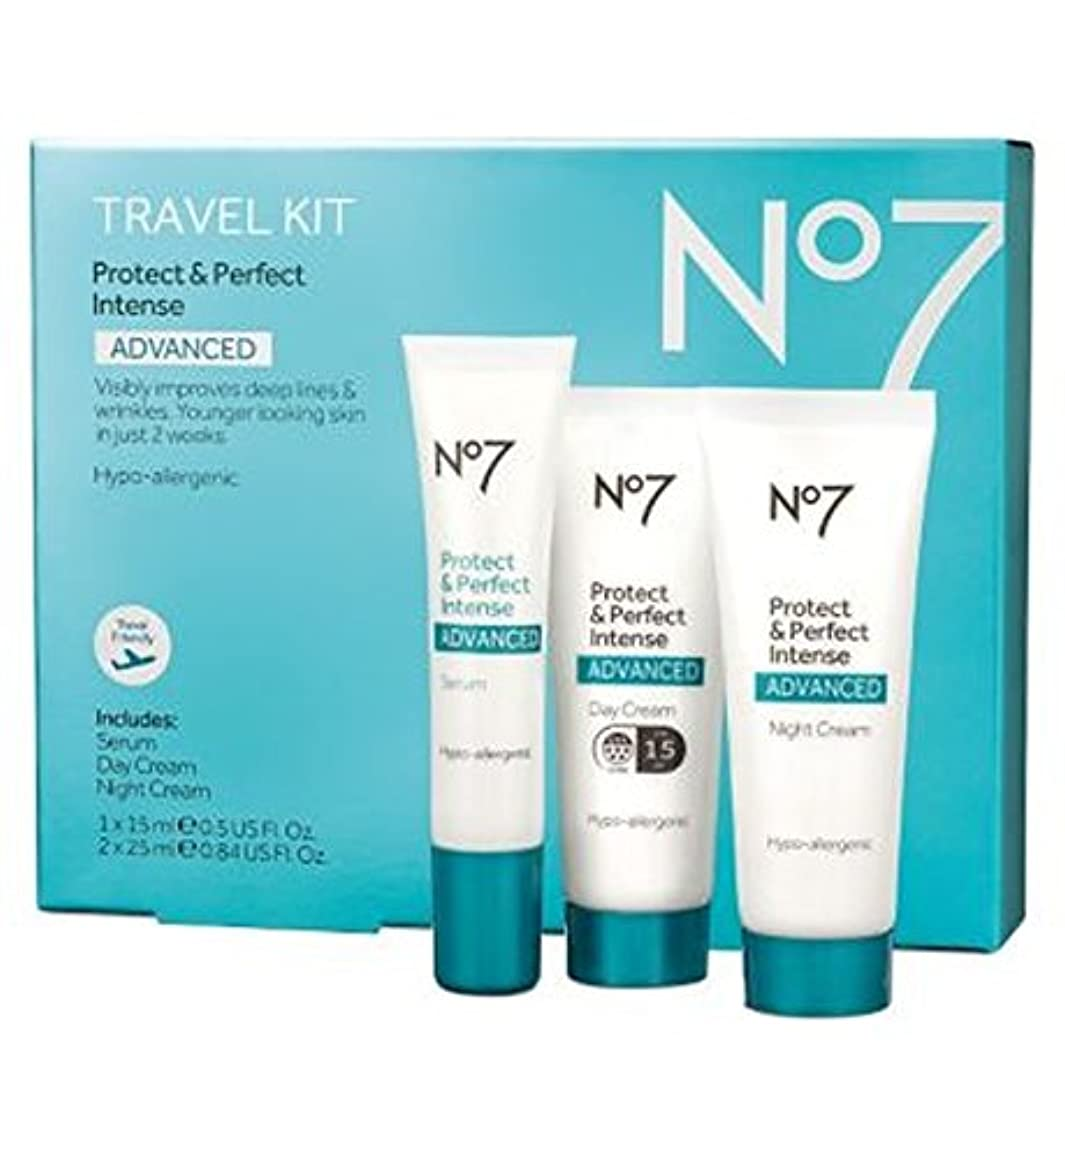 座標会計士プールNo7保護&完璧な強烈な高度な旅行キット (No7) (x2) - No7 Protect & Perfect Intense ADVANCED Travel Kit (Pack of 2) [並行輸入品]